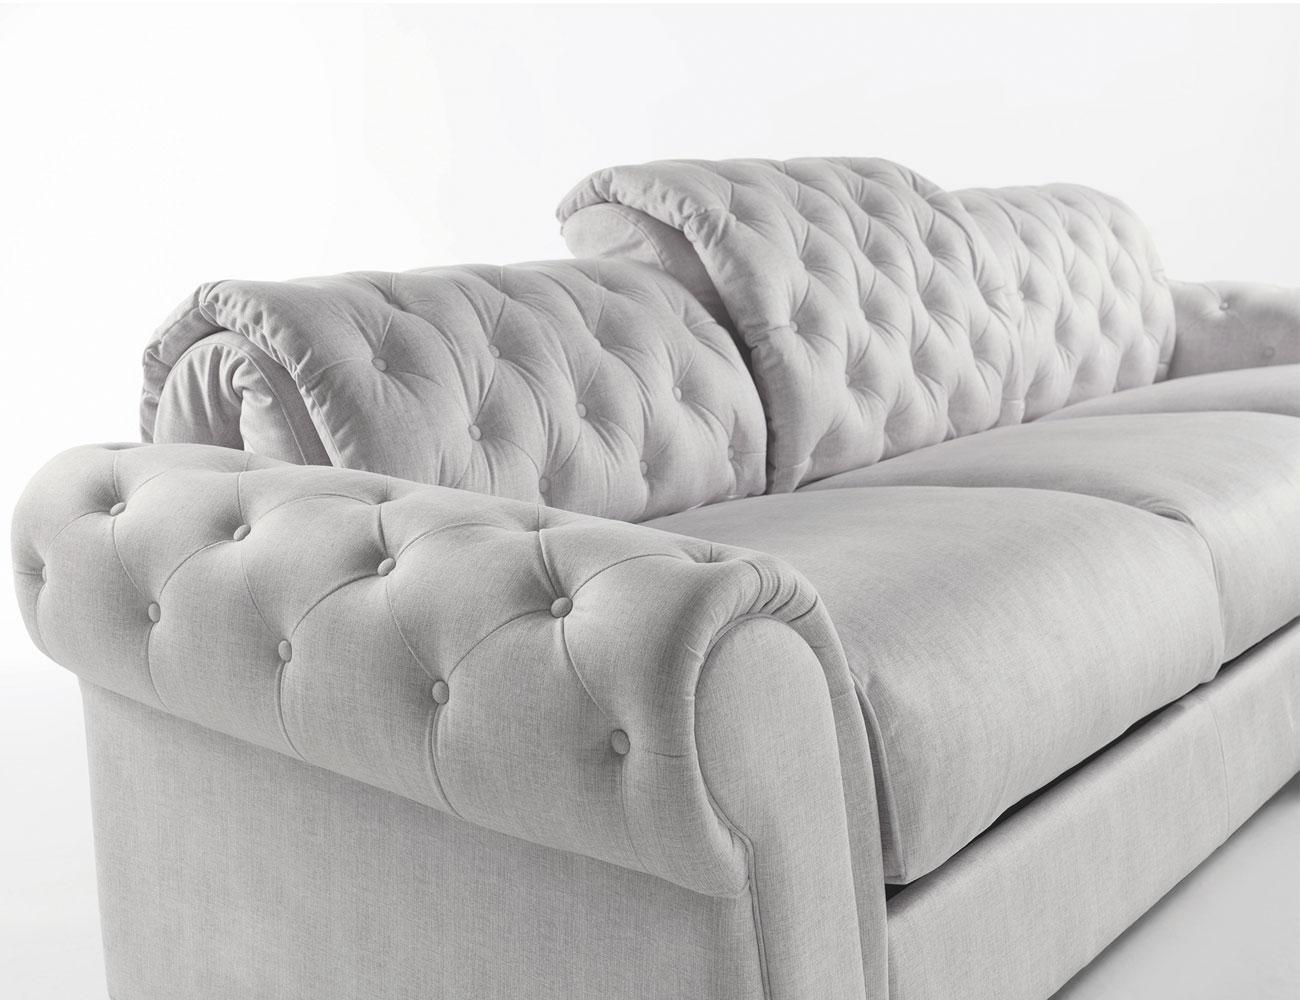 Sofa chaiselongue gran lujo decorativo capitone blanco tela 1